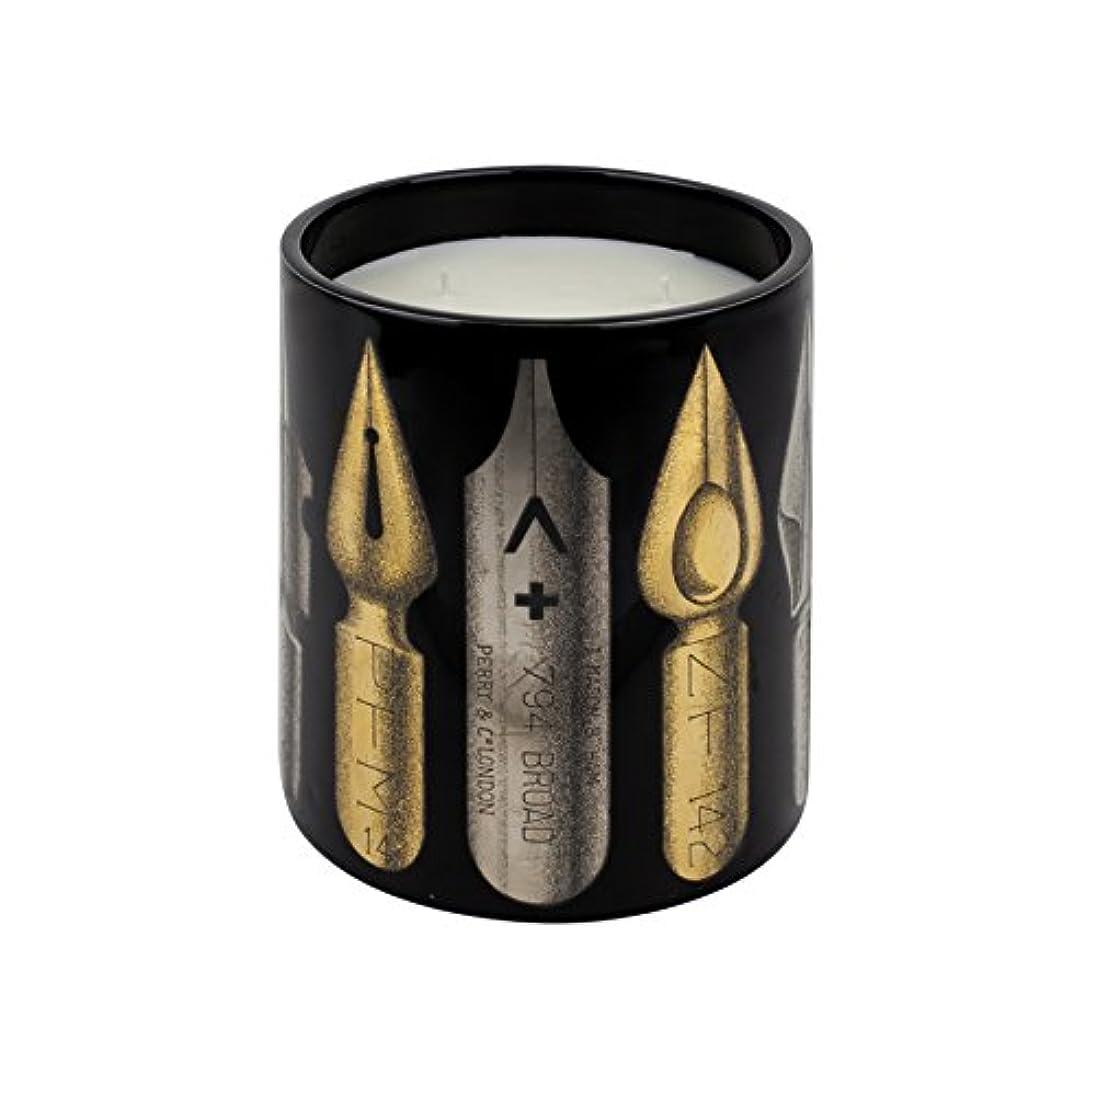 オーバードロー静める過激派Fornasetti PENNINI Nero Large Scented Candle、1.9 KG(1900g)